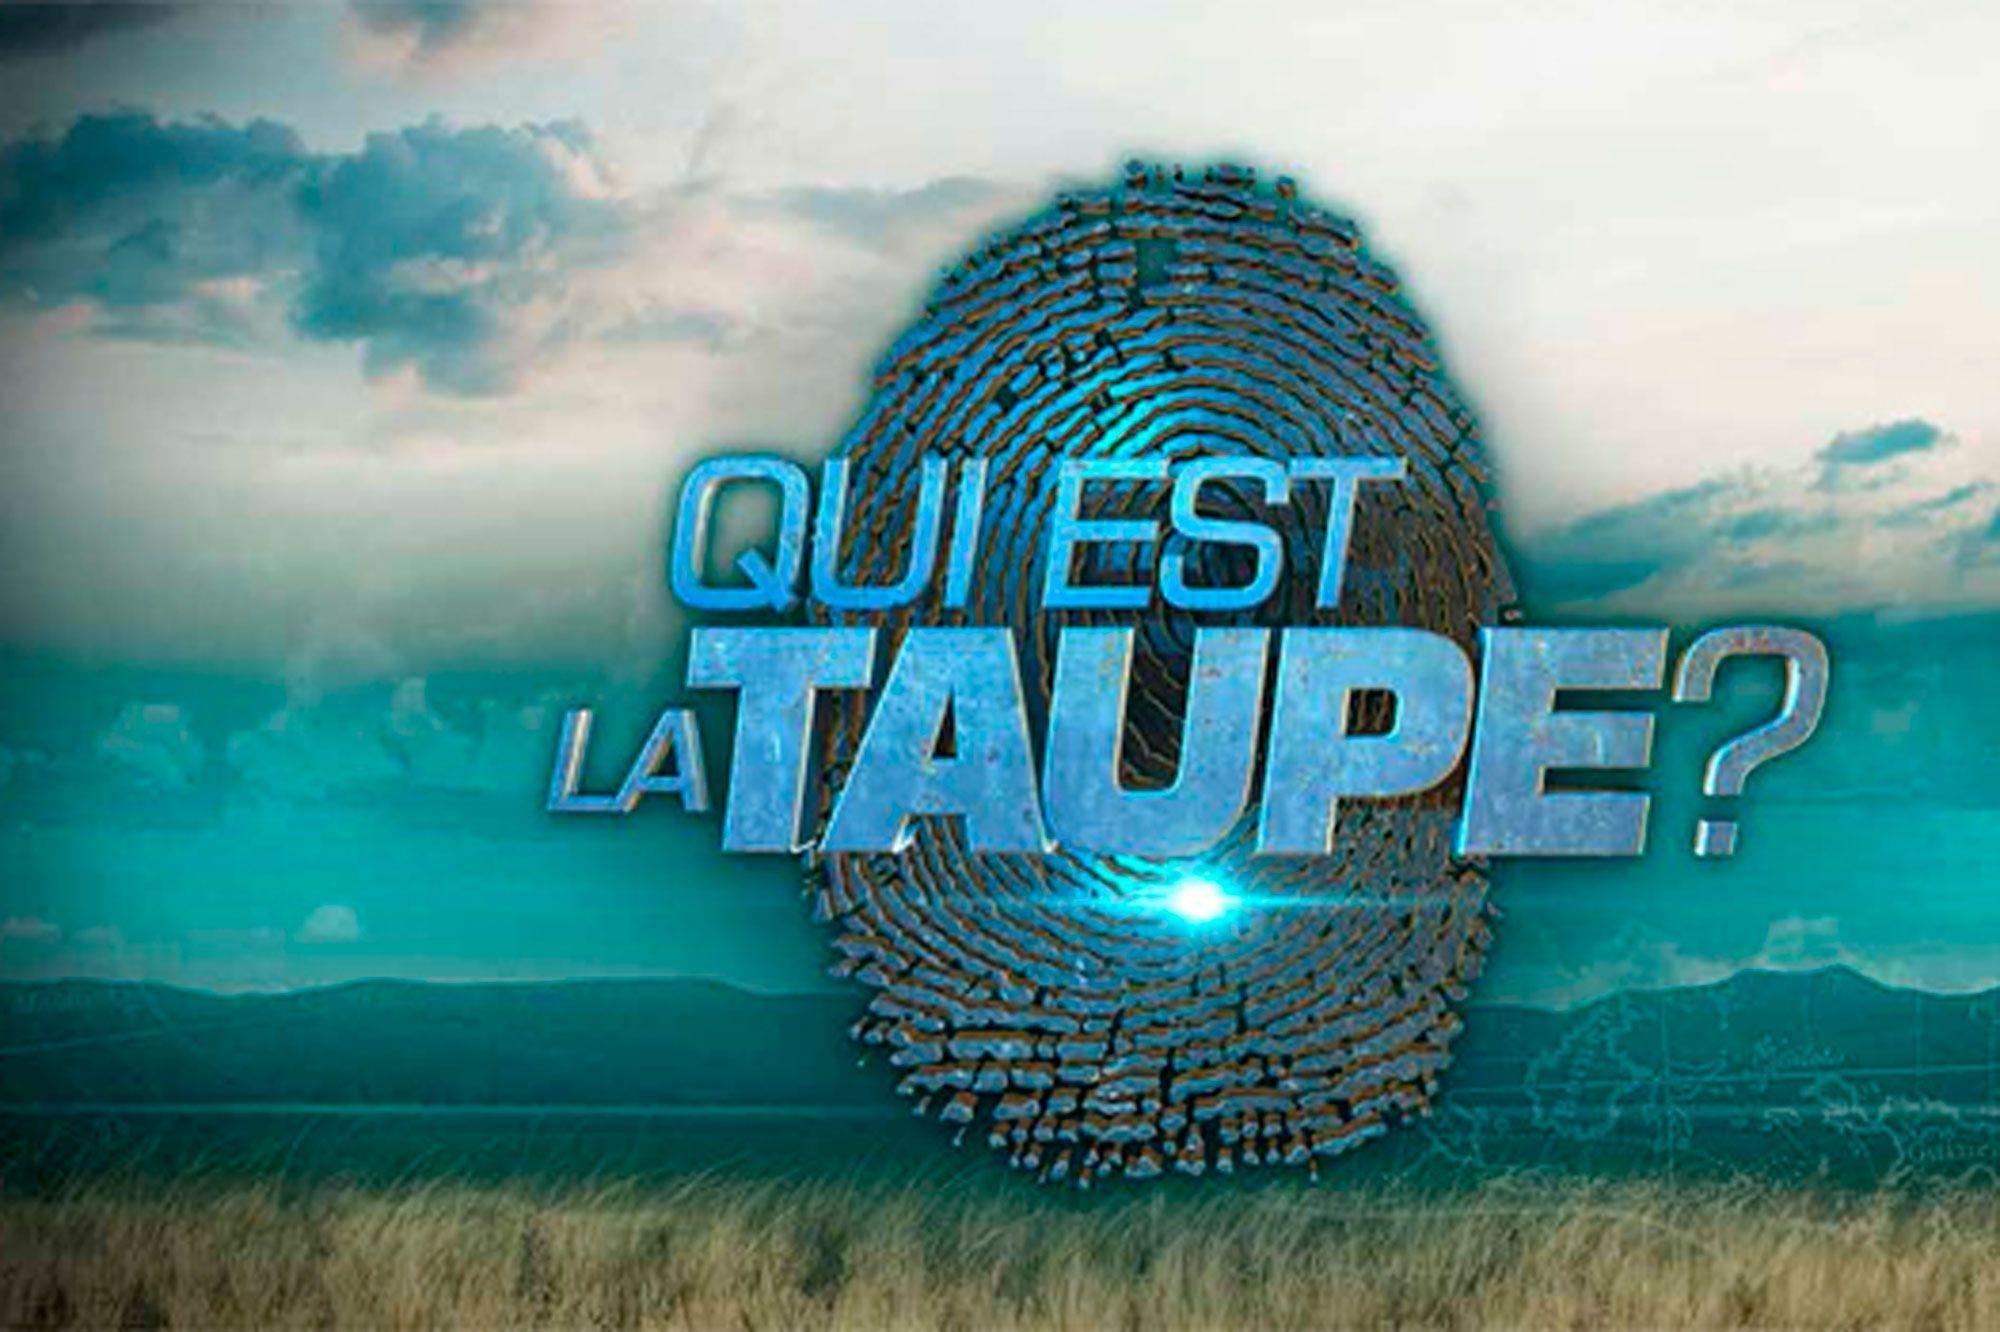 """Qui Est La Taupe ?"""" - M6 Présente Son Nouveau Jeu D'aventure intérieur La Taupe Musique"""